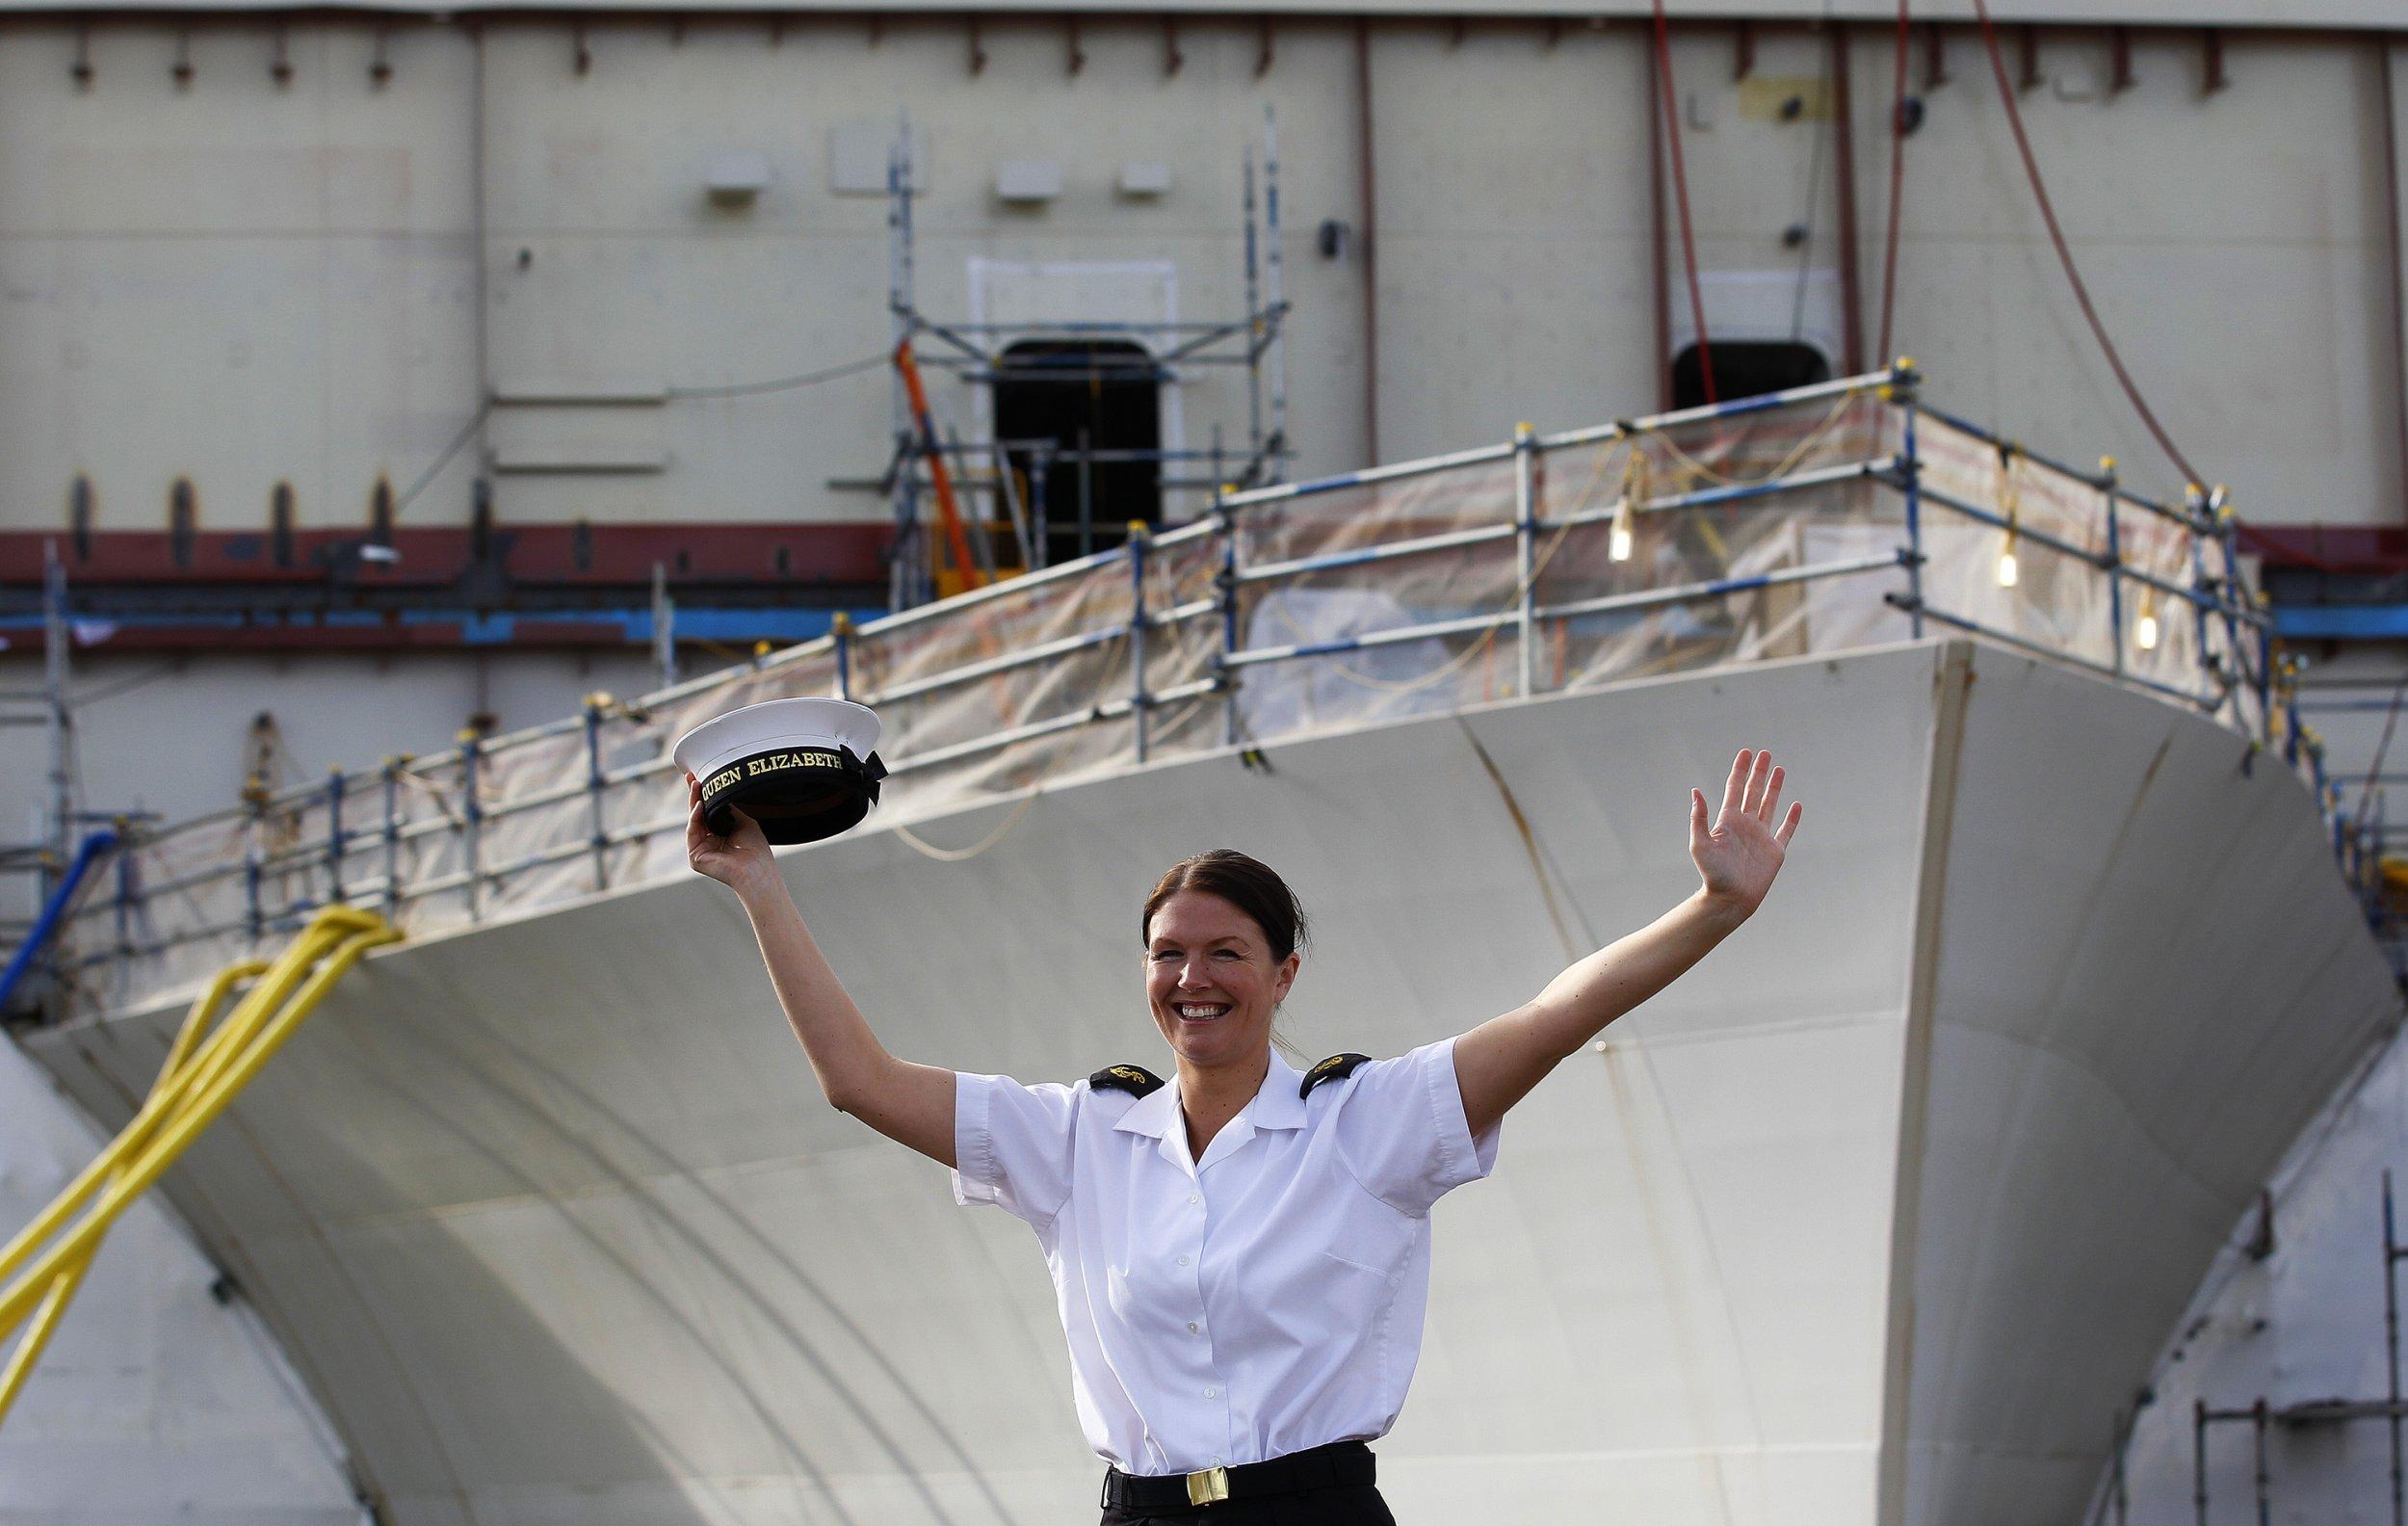 HMS Queen Elizbaeth